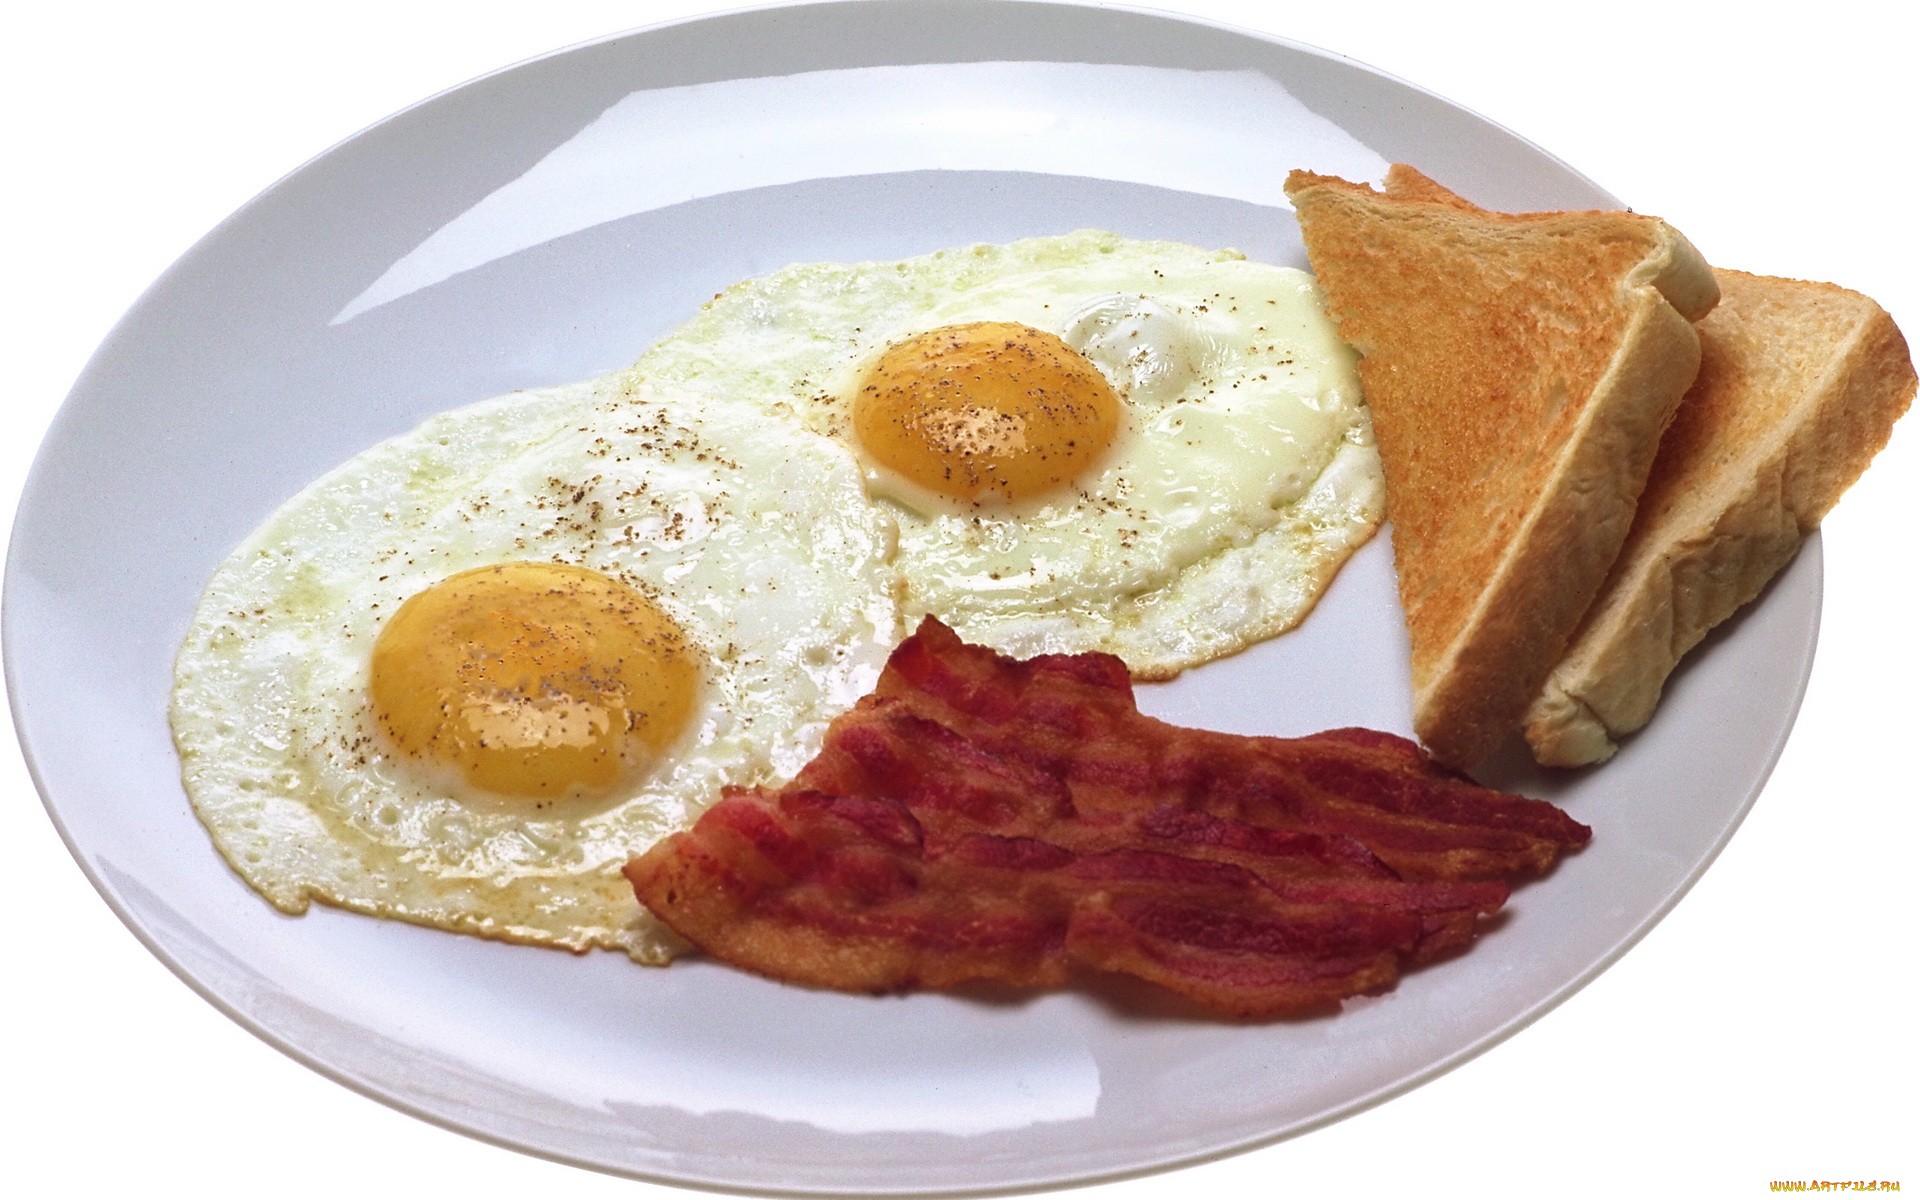 breakfast food. by admin · July 4, 2015